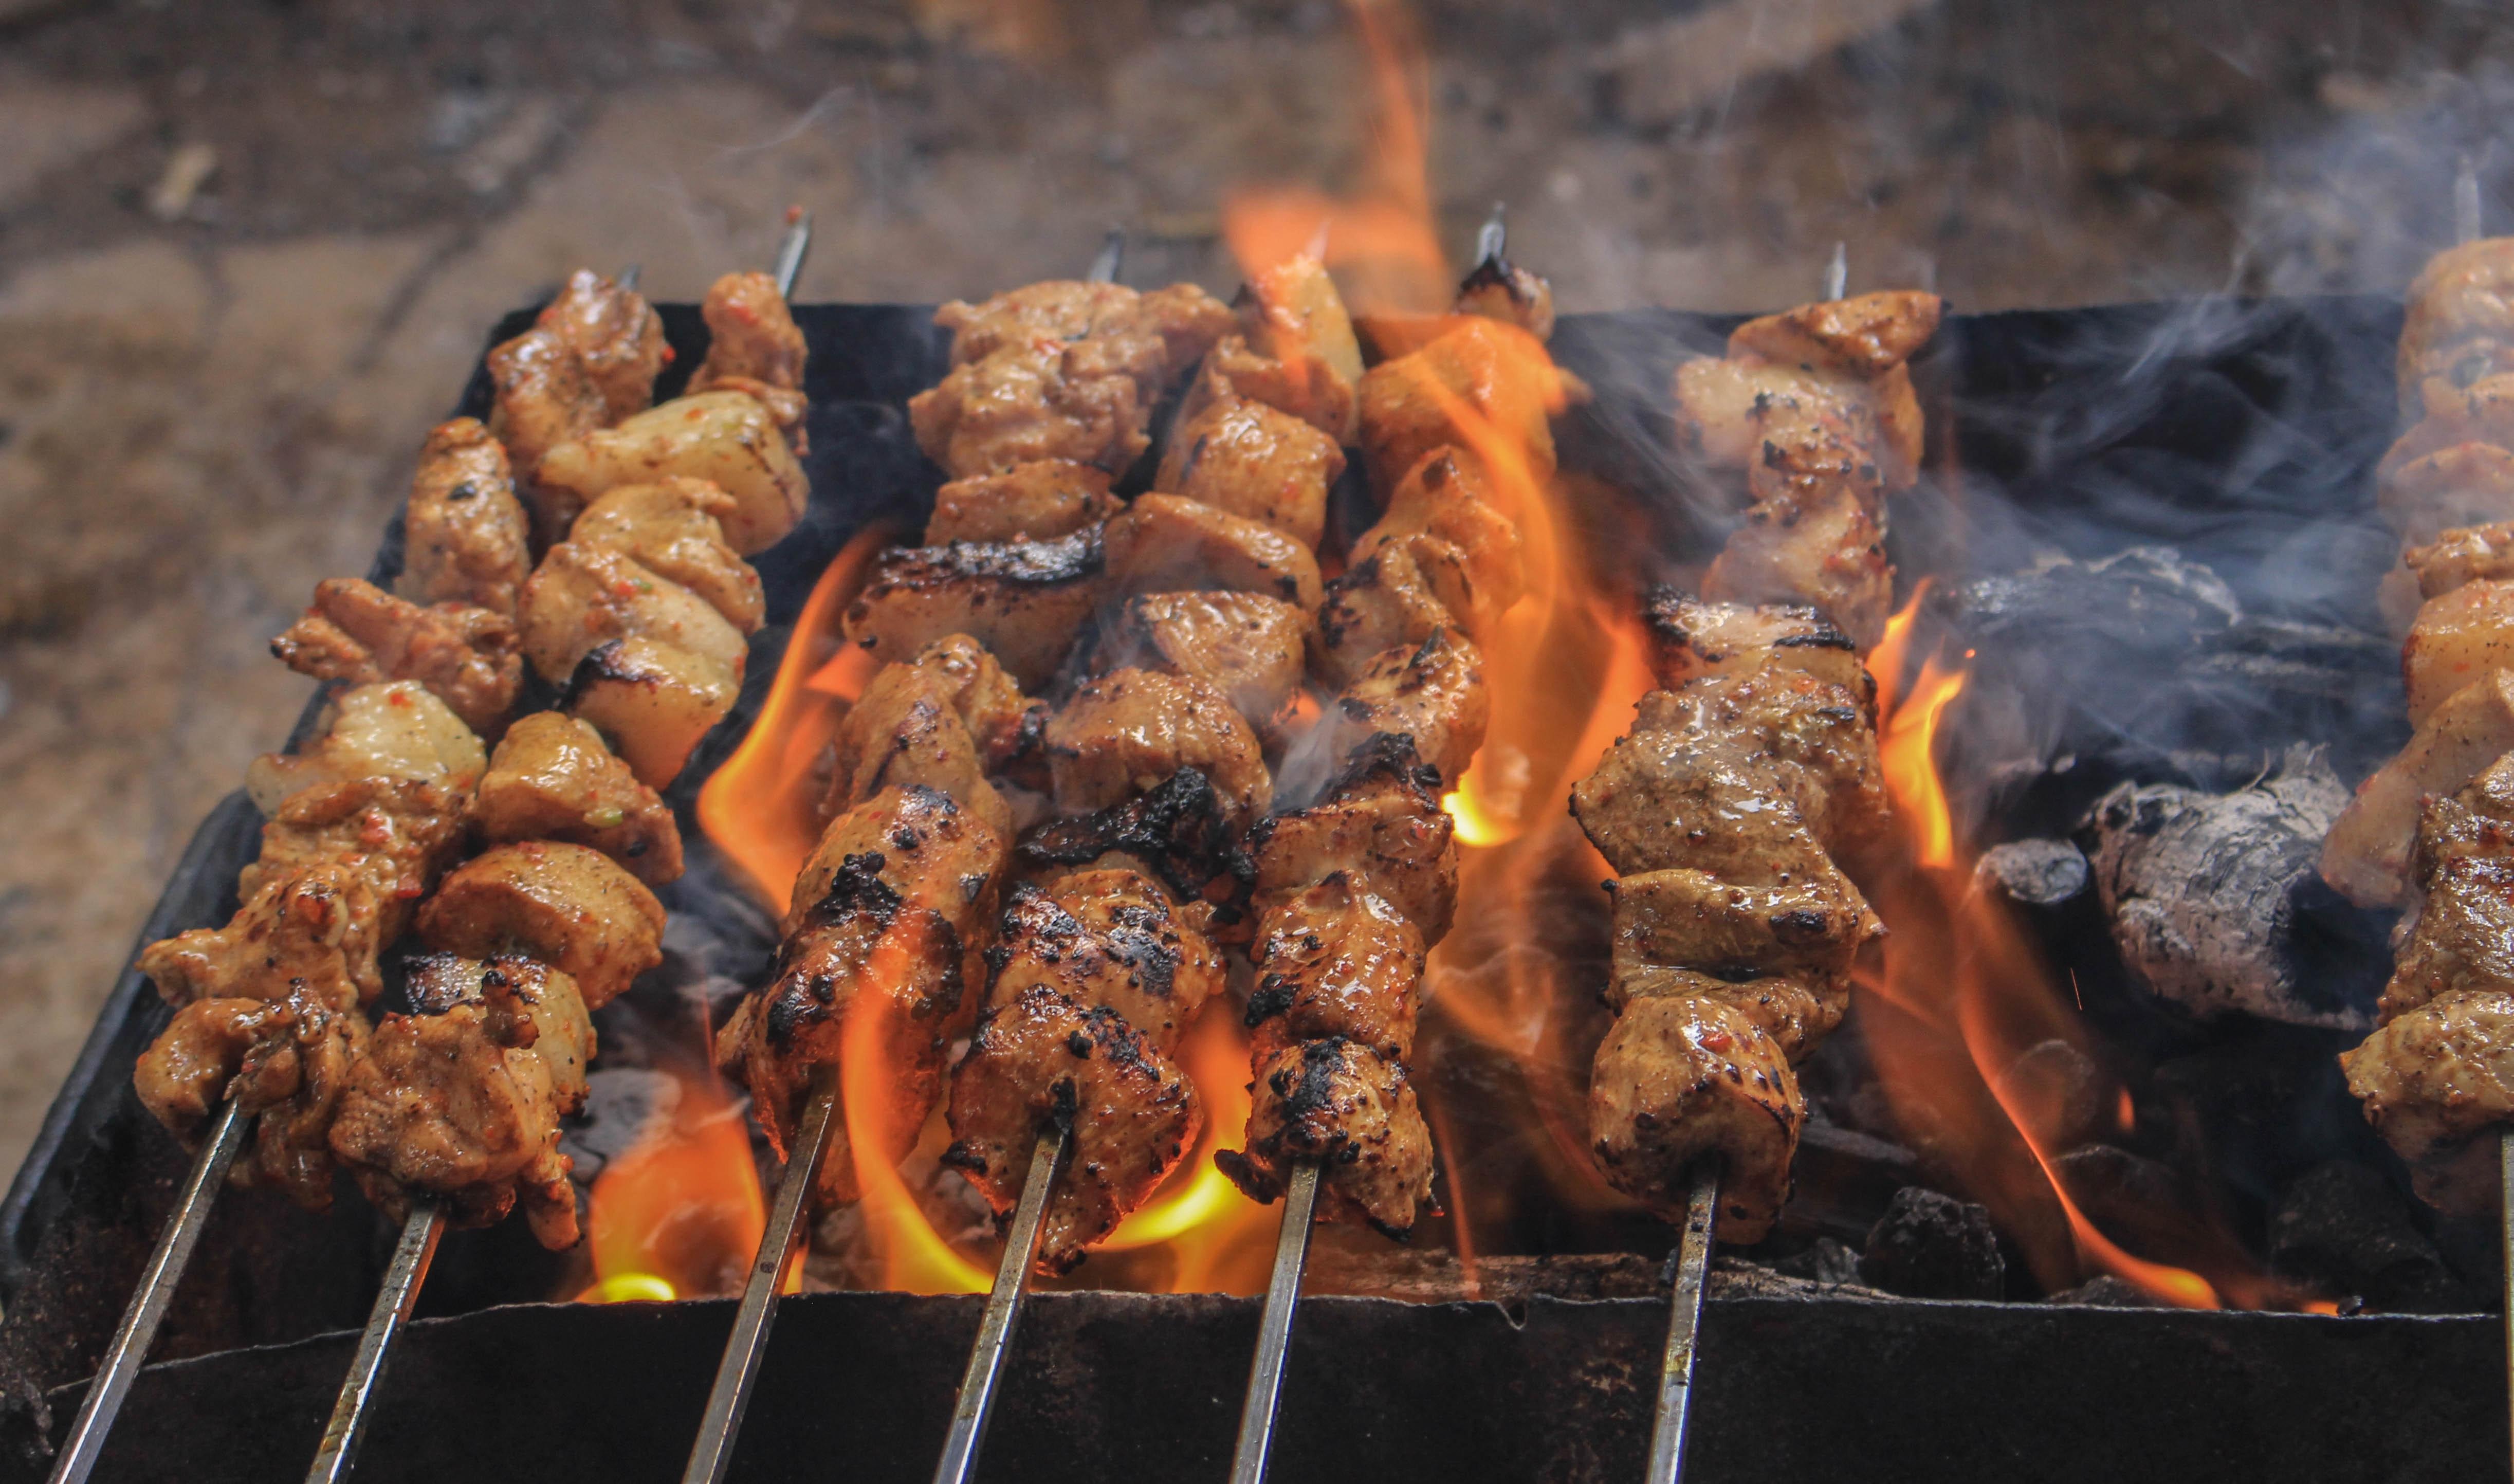 焚き火で作る絶品焼き鳥の作り方!